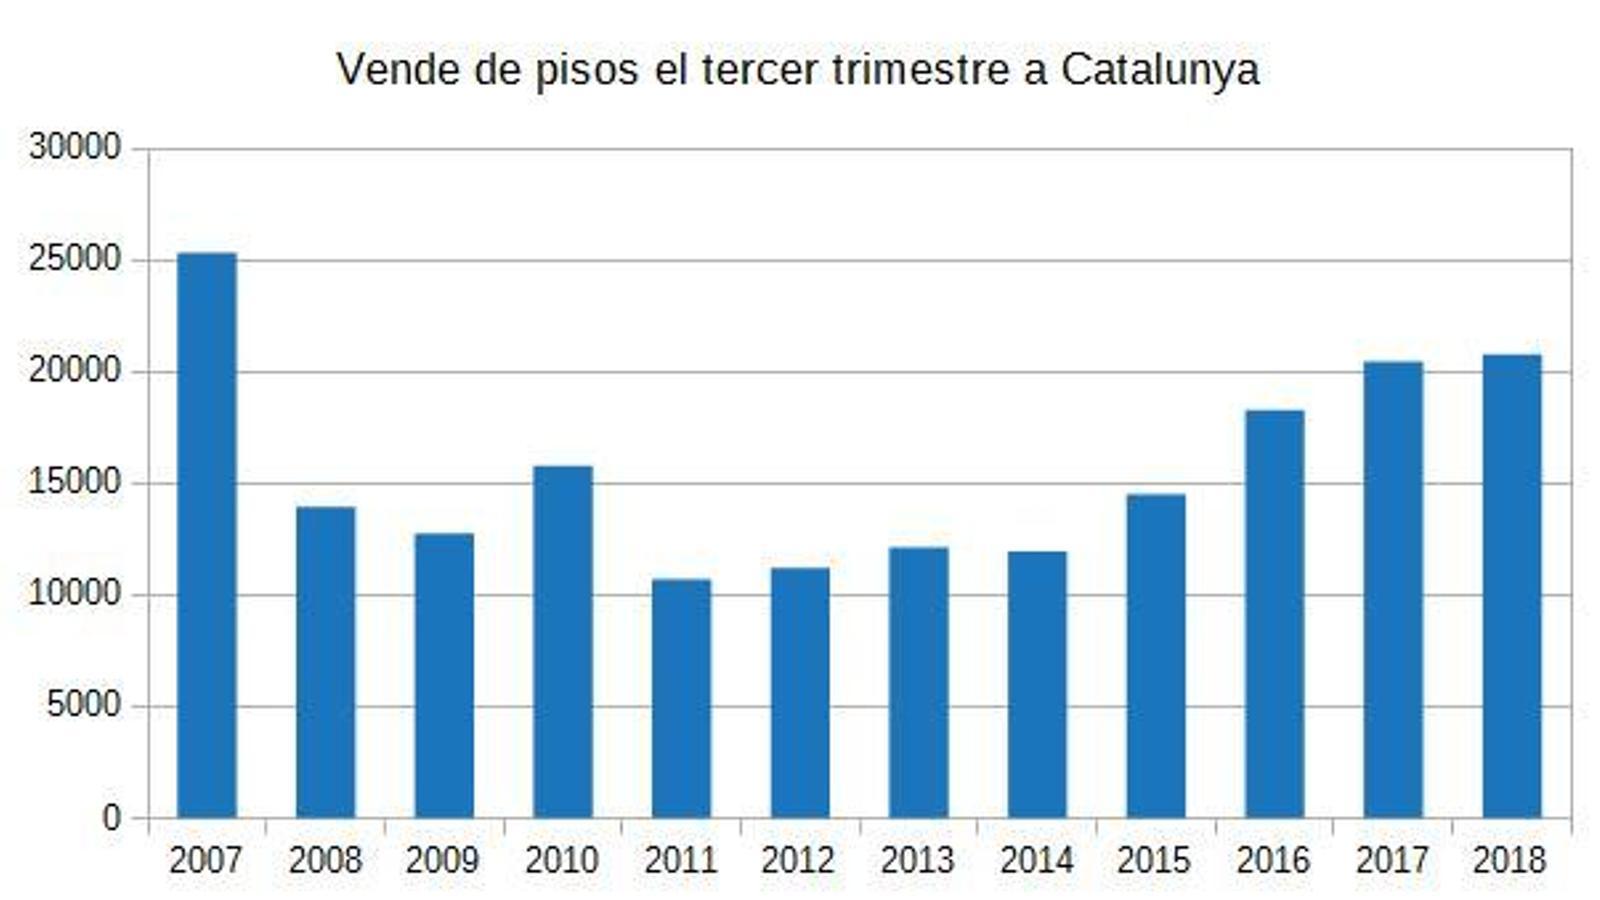 La venda de pisos toca sostre i s'estanca a Catalunya